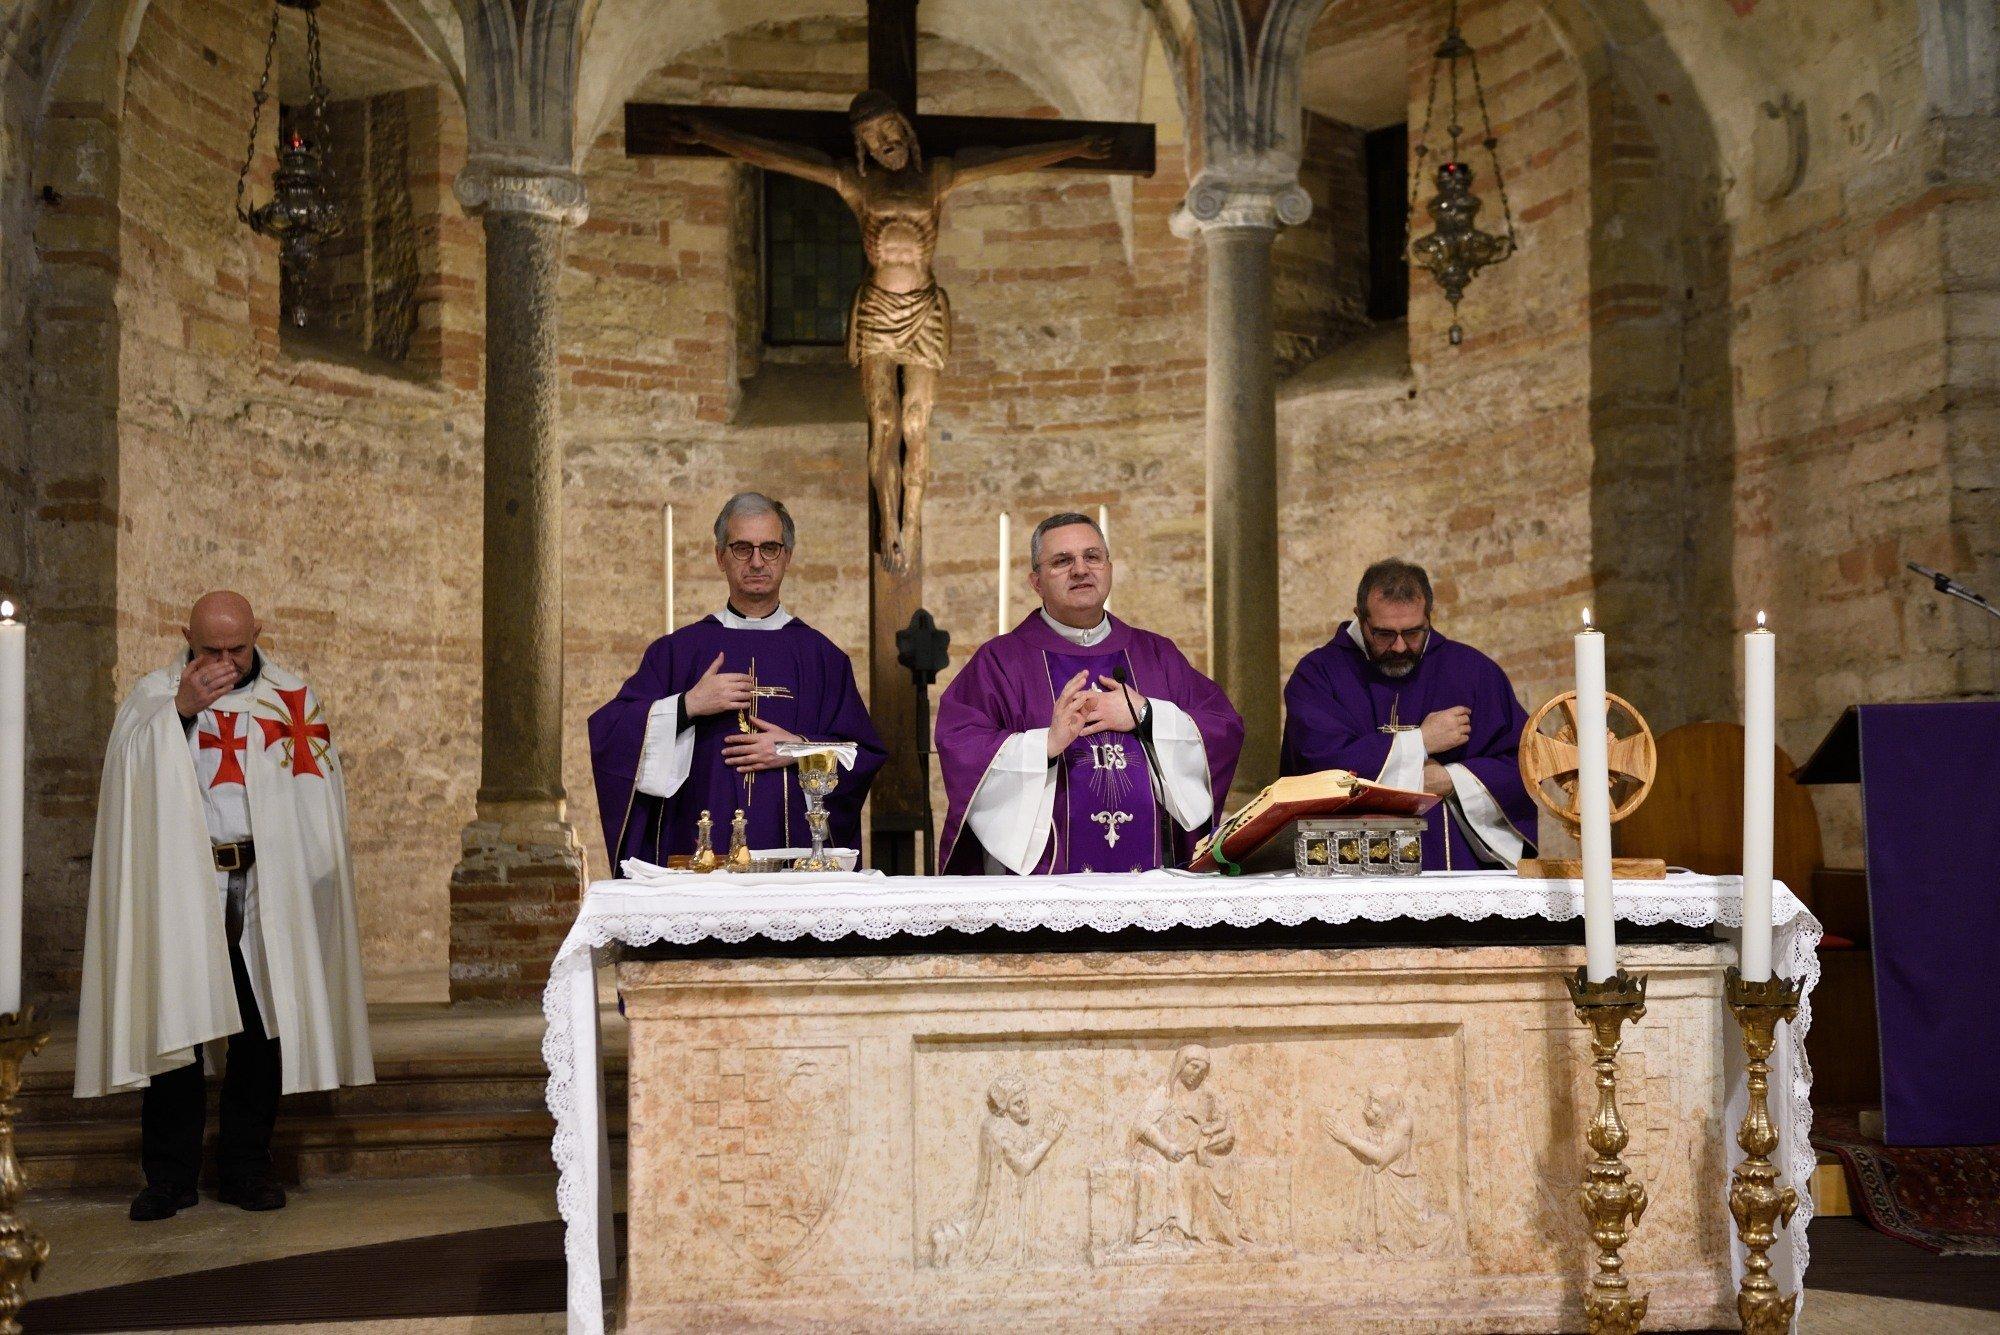 Chiesa di San Fermo - Verona - Templari Cattolici foto 07